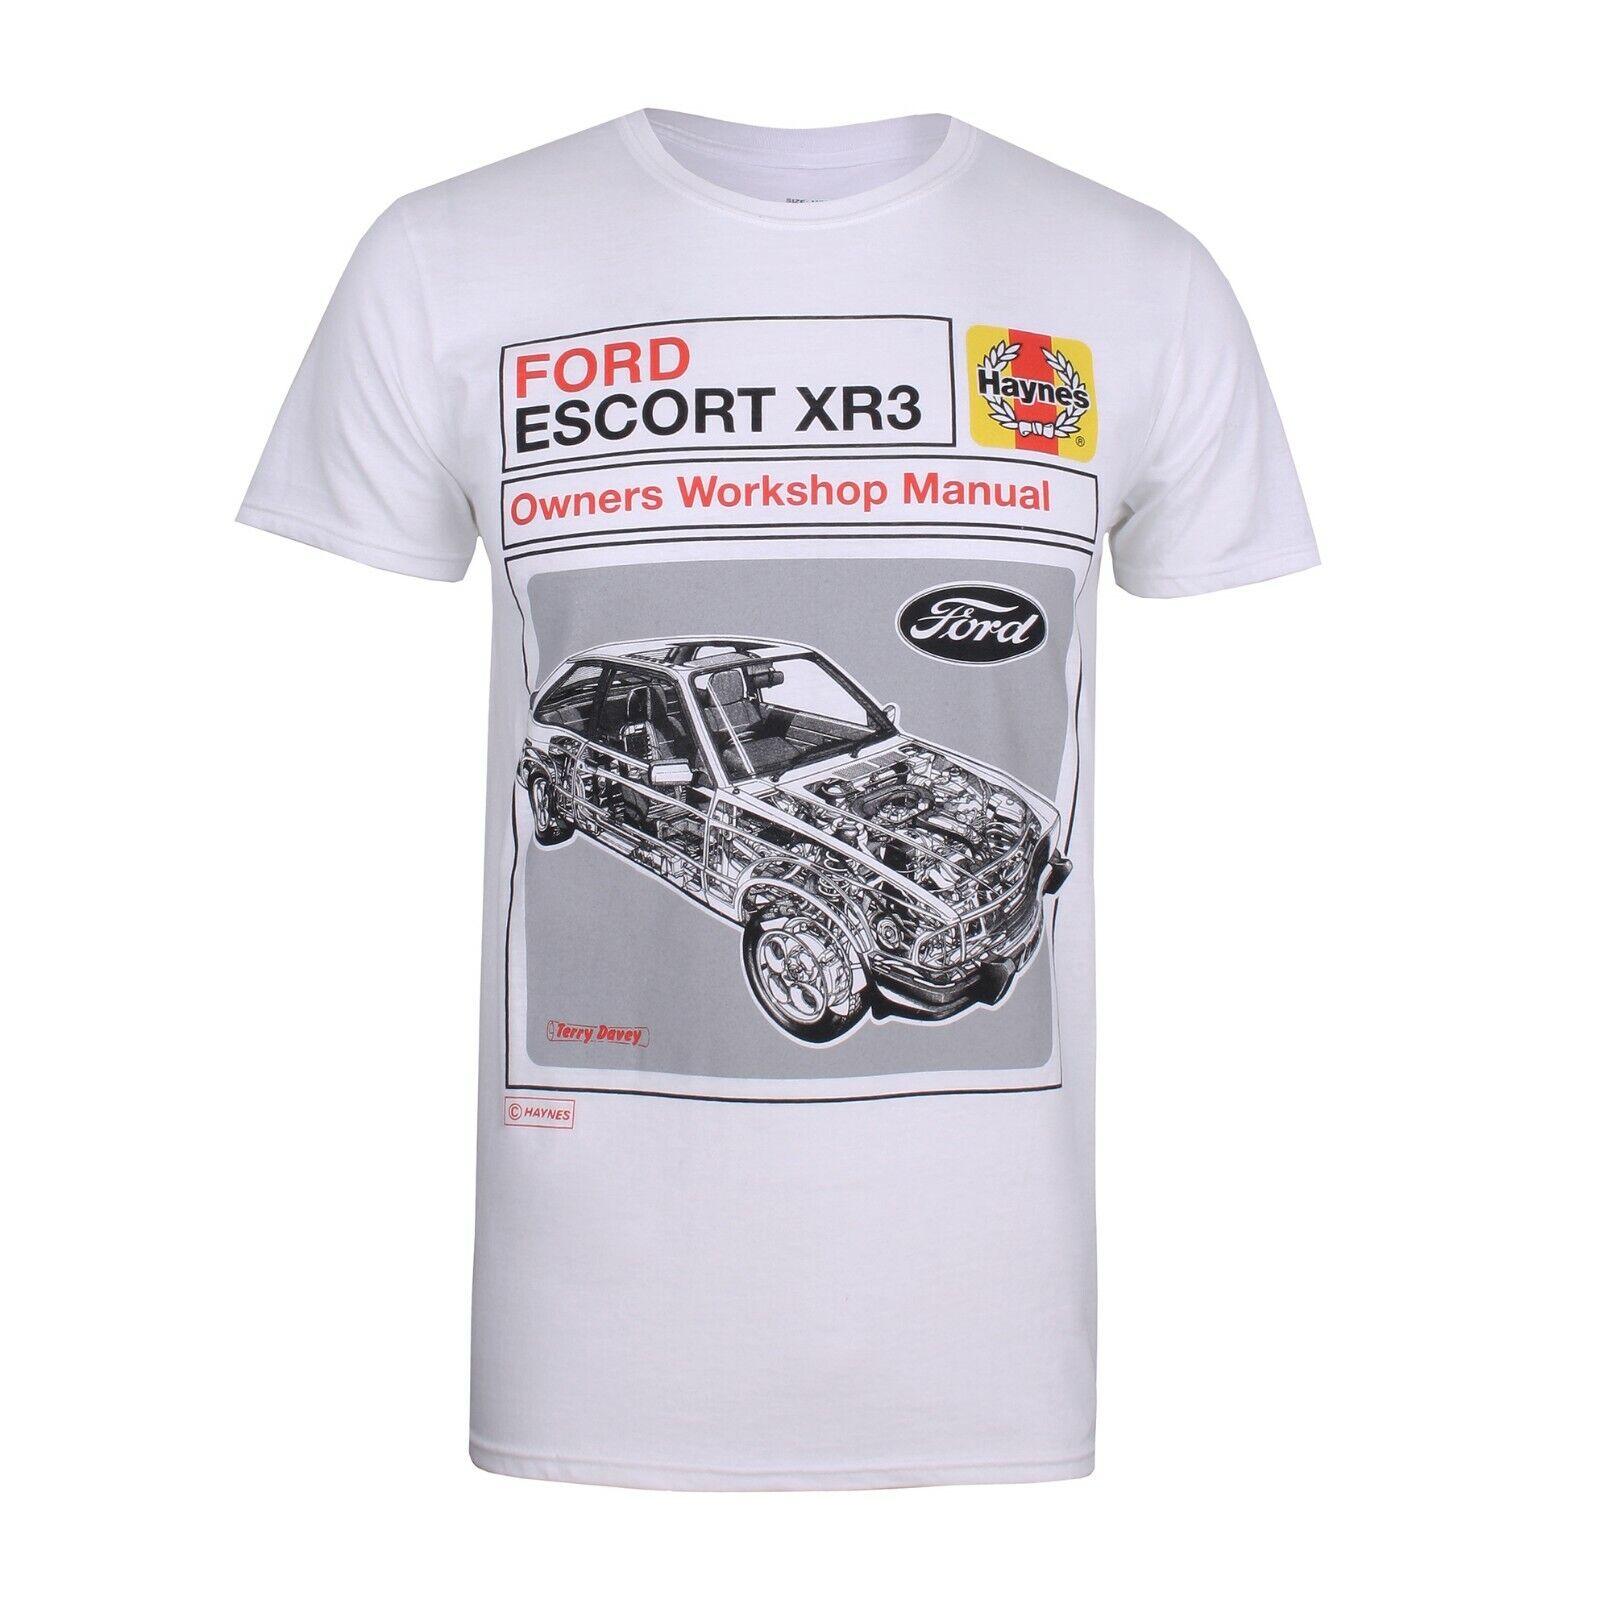 Ford Escort XR3 White